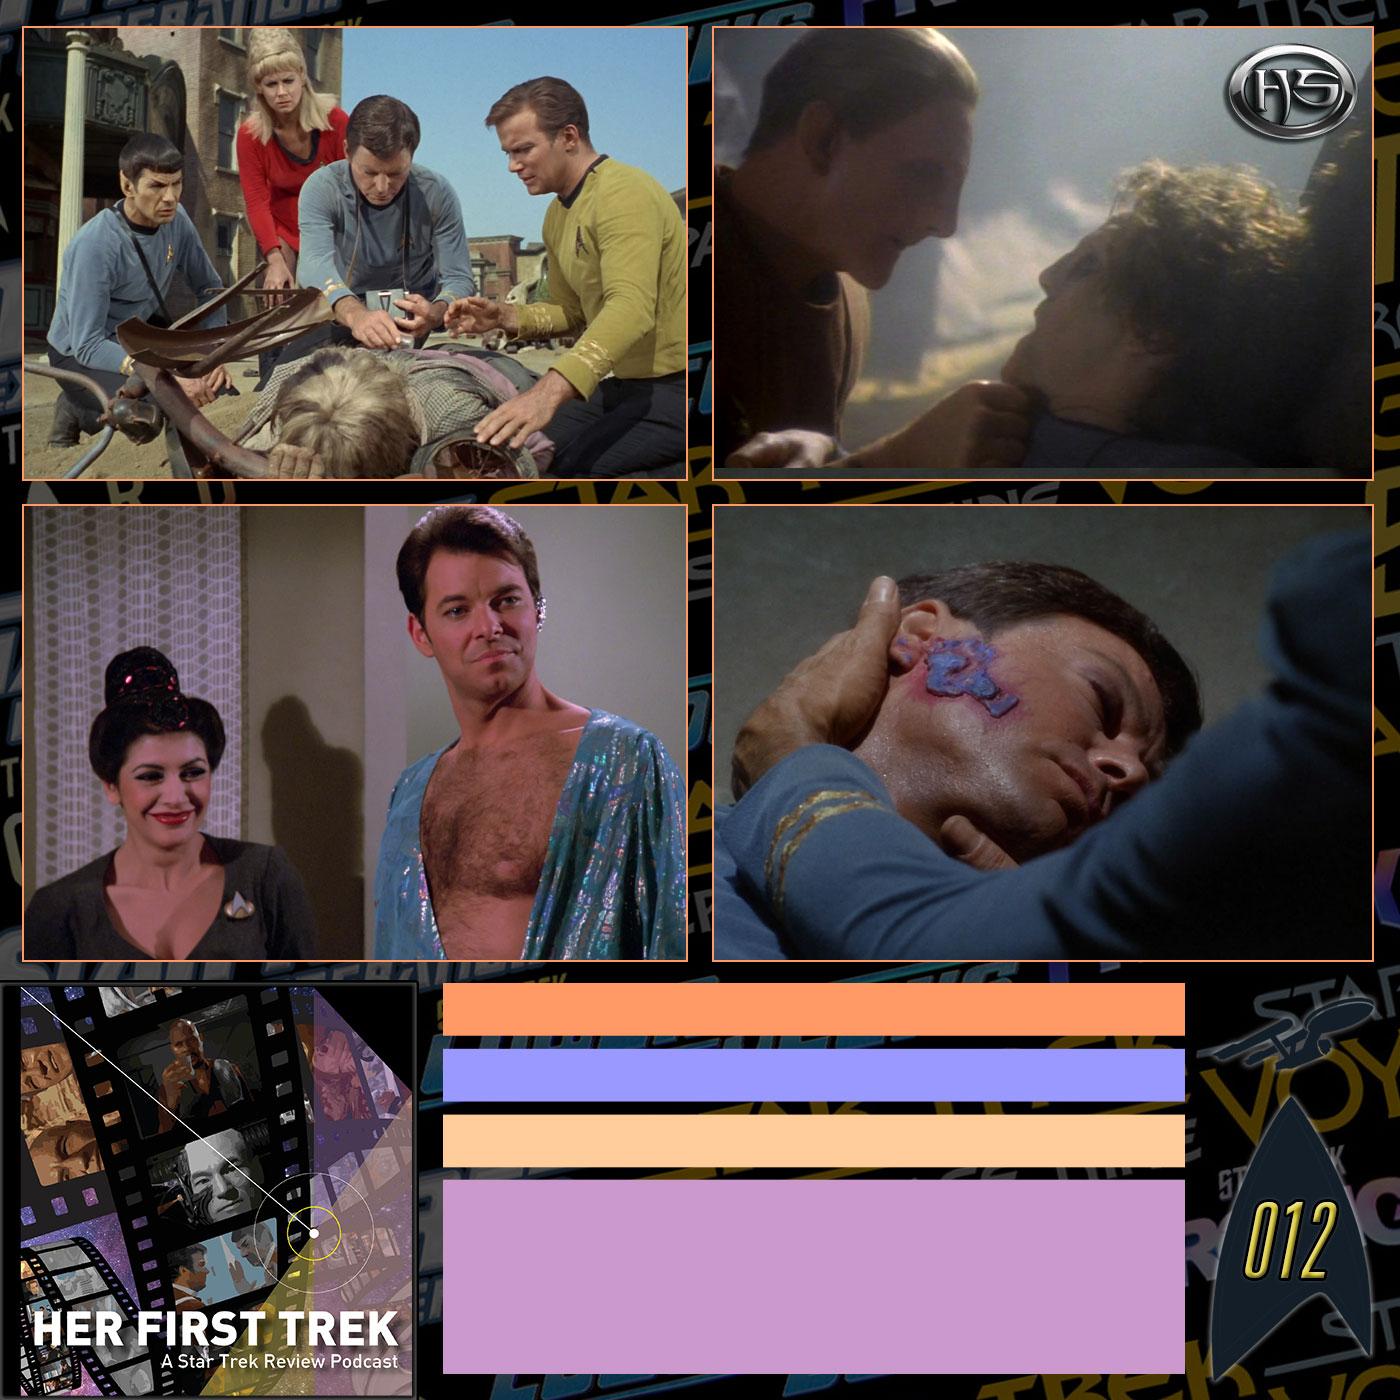 Her First Trek Episode 12